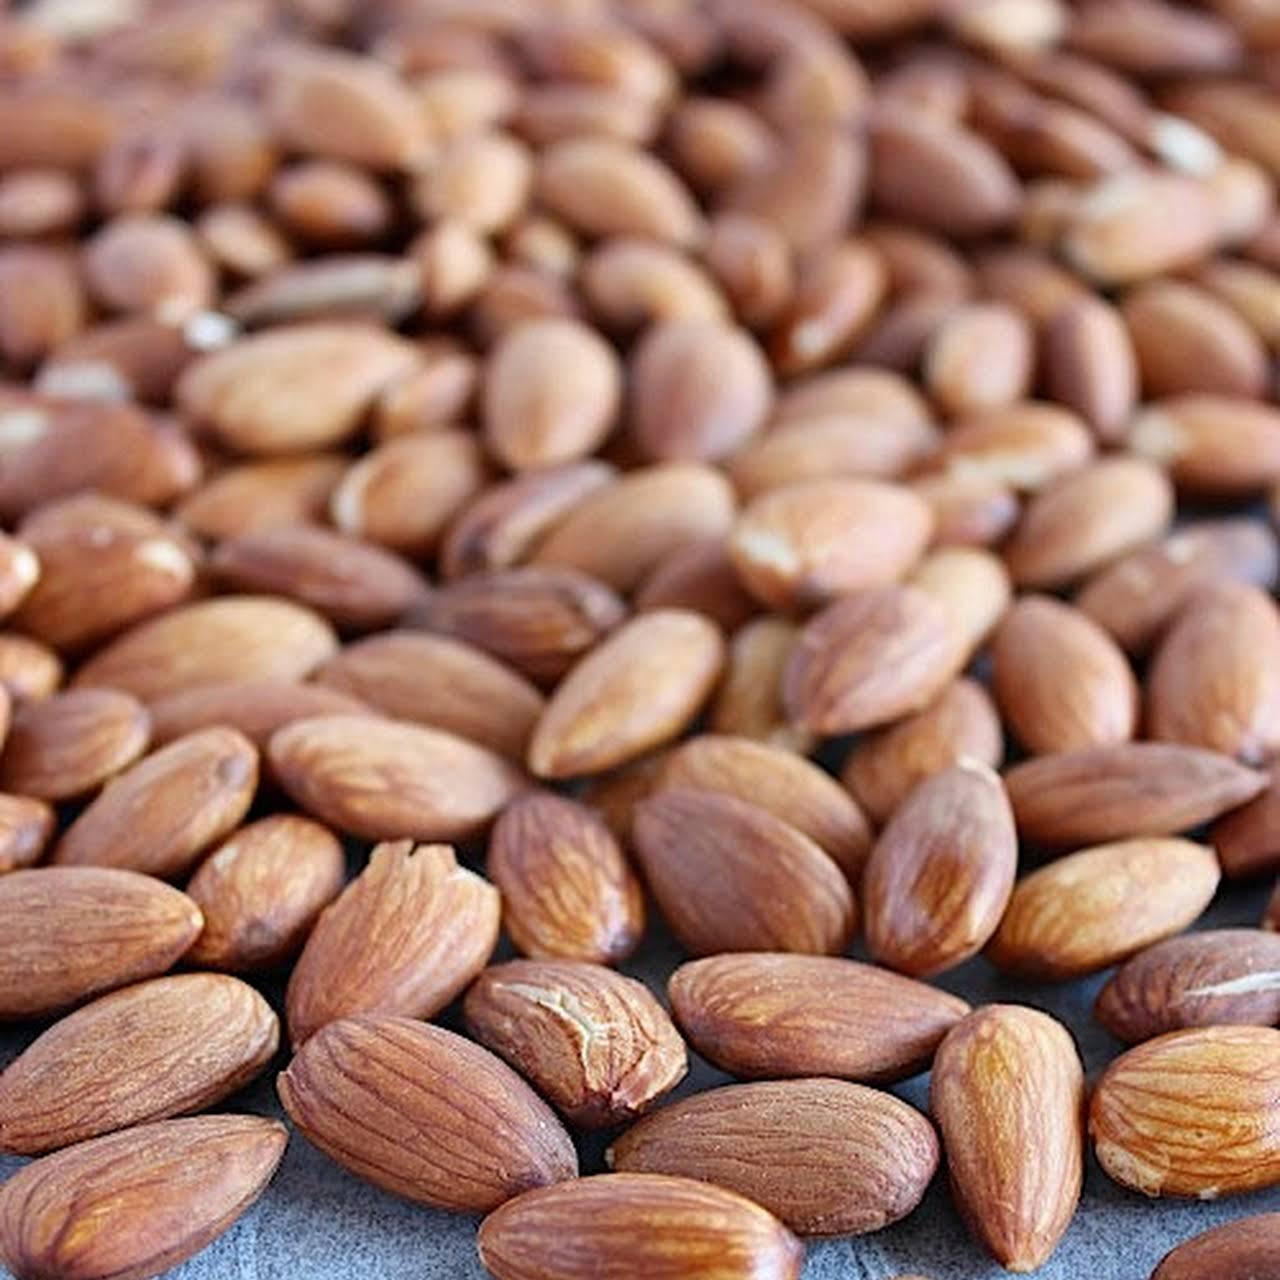 Coconut Mocha Almond Butter {Vegan, Gluten Free, Paleo Friendly}